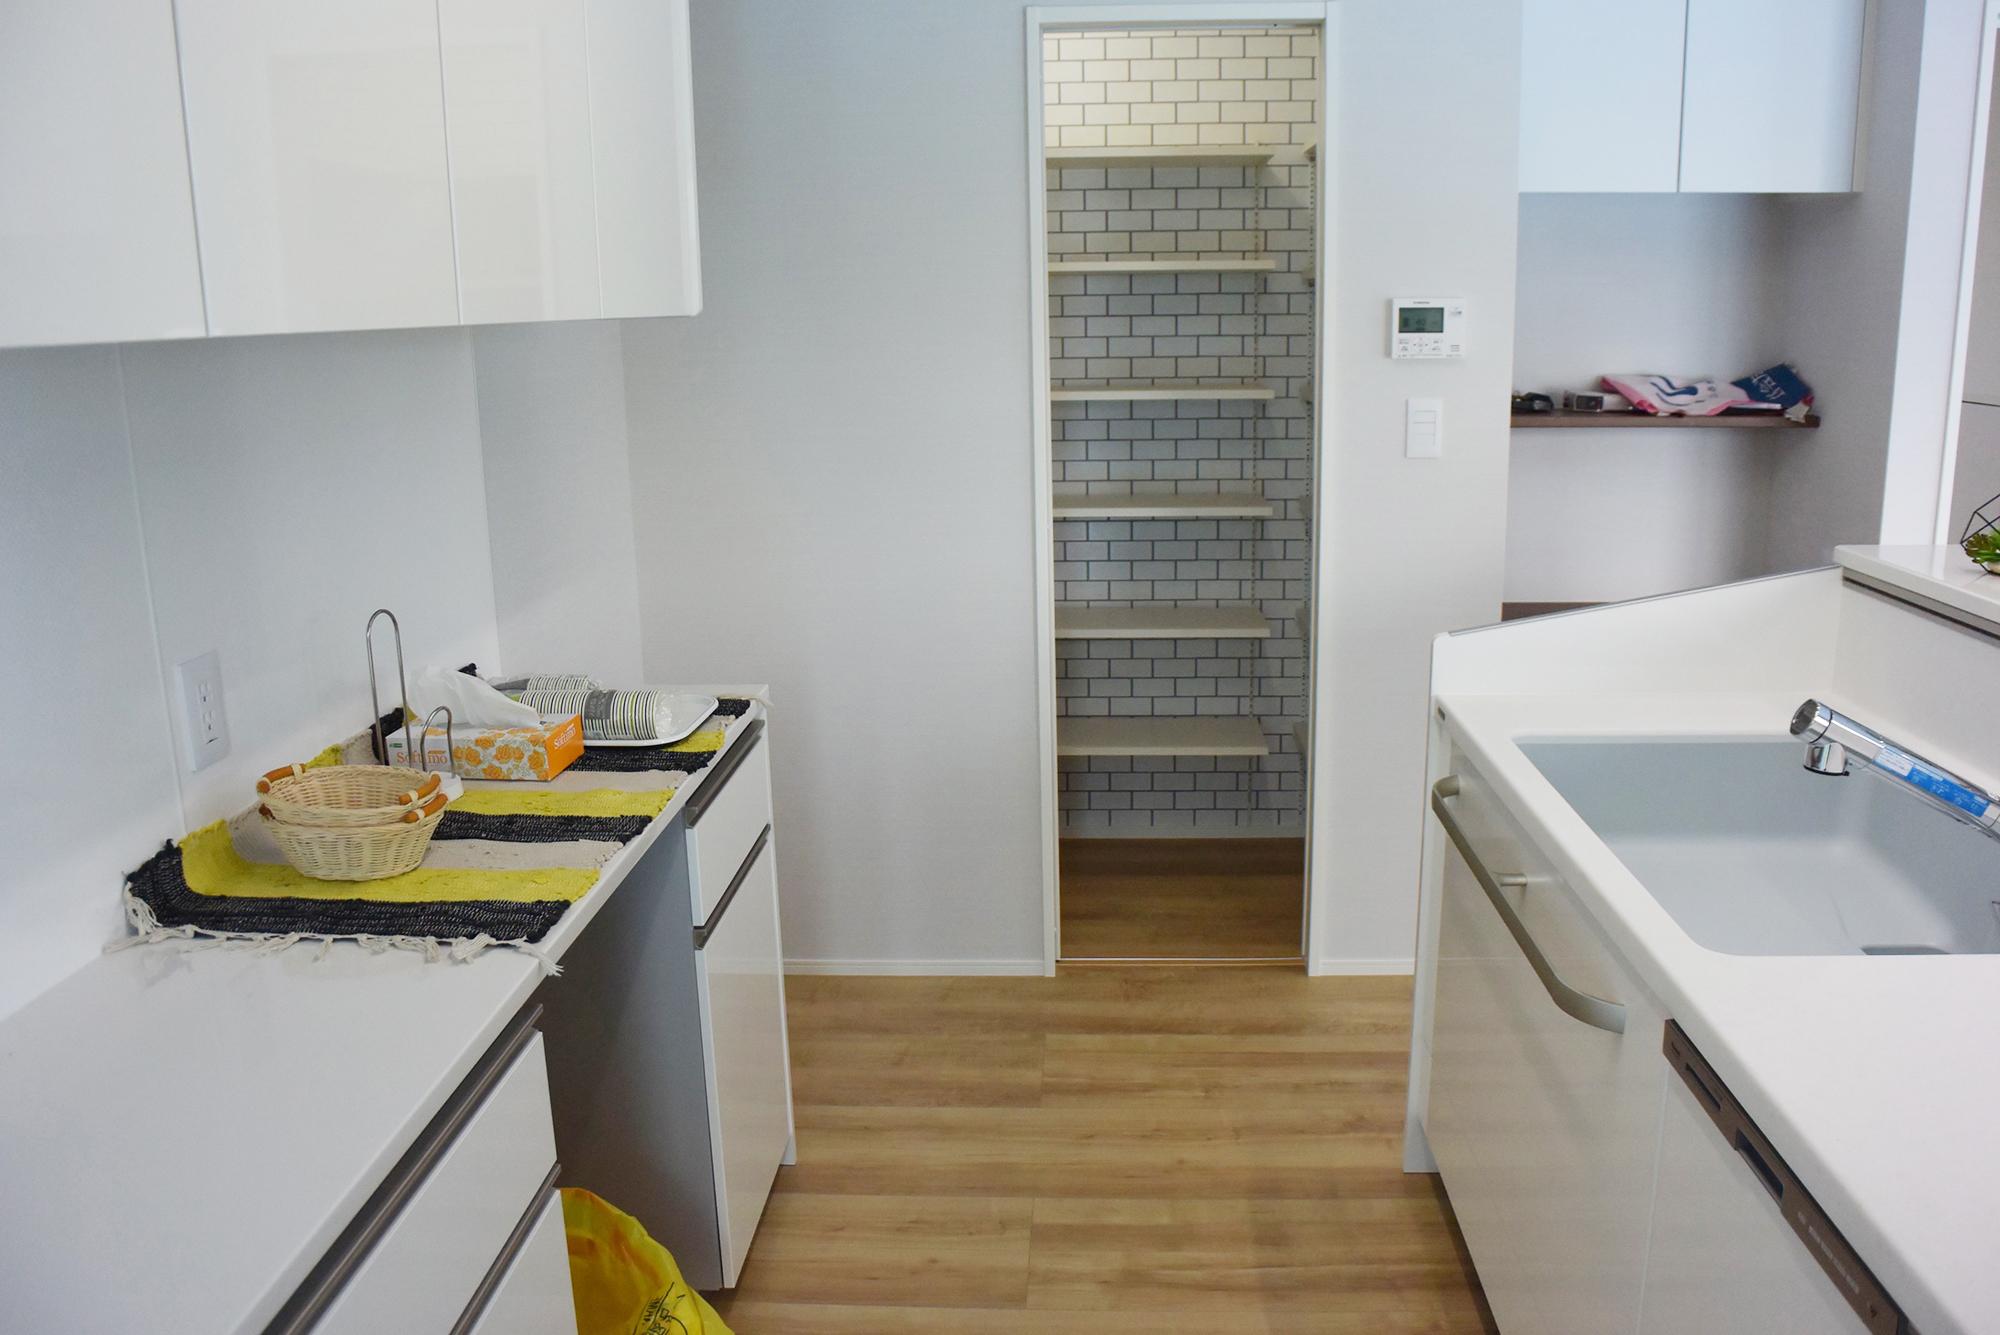 キッチン入り口には食品庫(バントリー)があります。